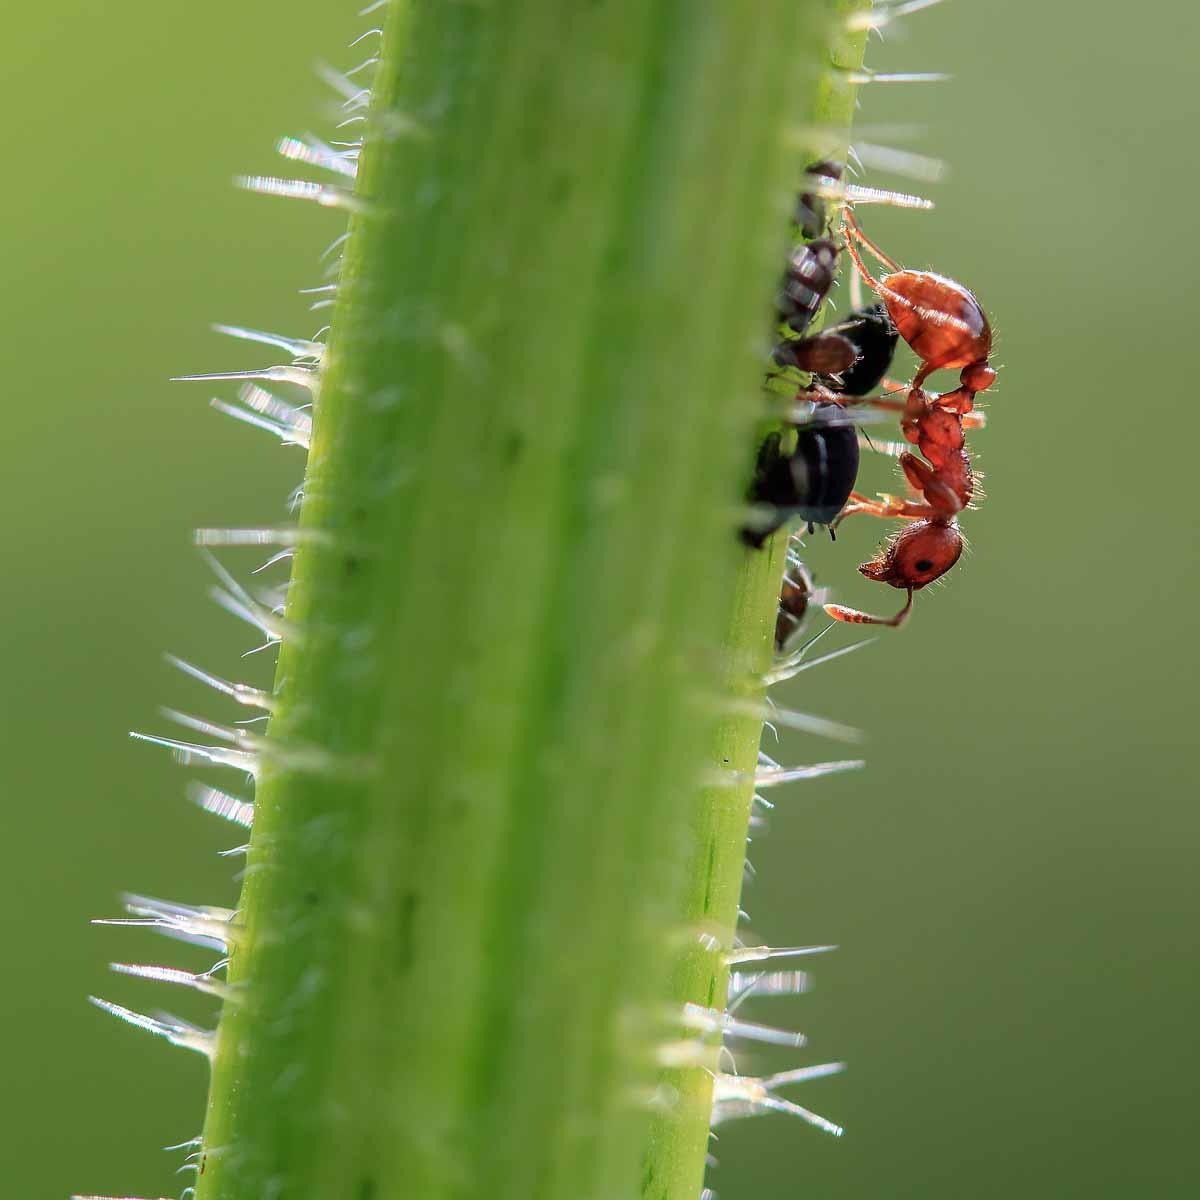 Colle e trappole adesive contro gli insetti